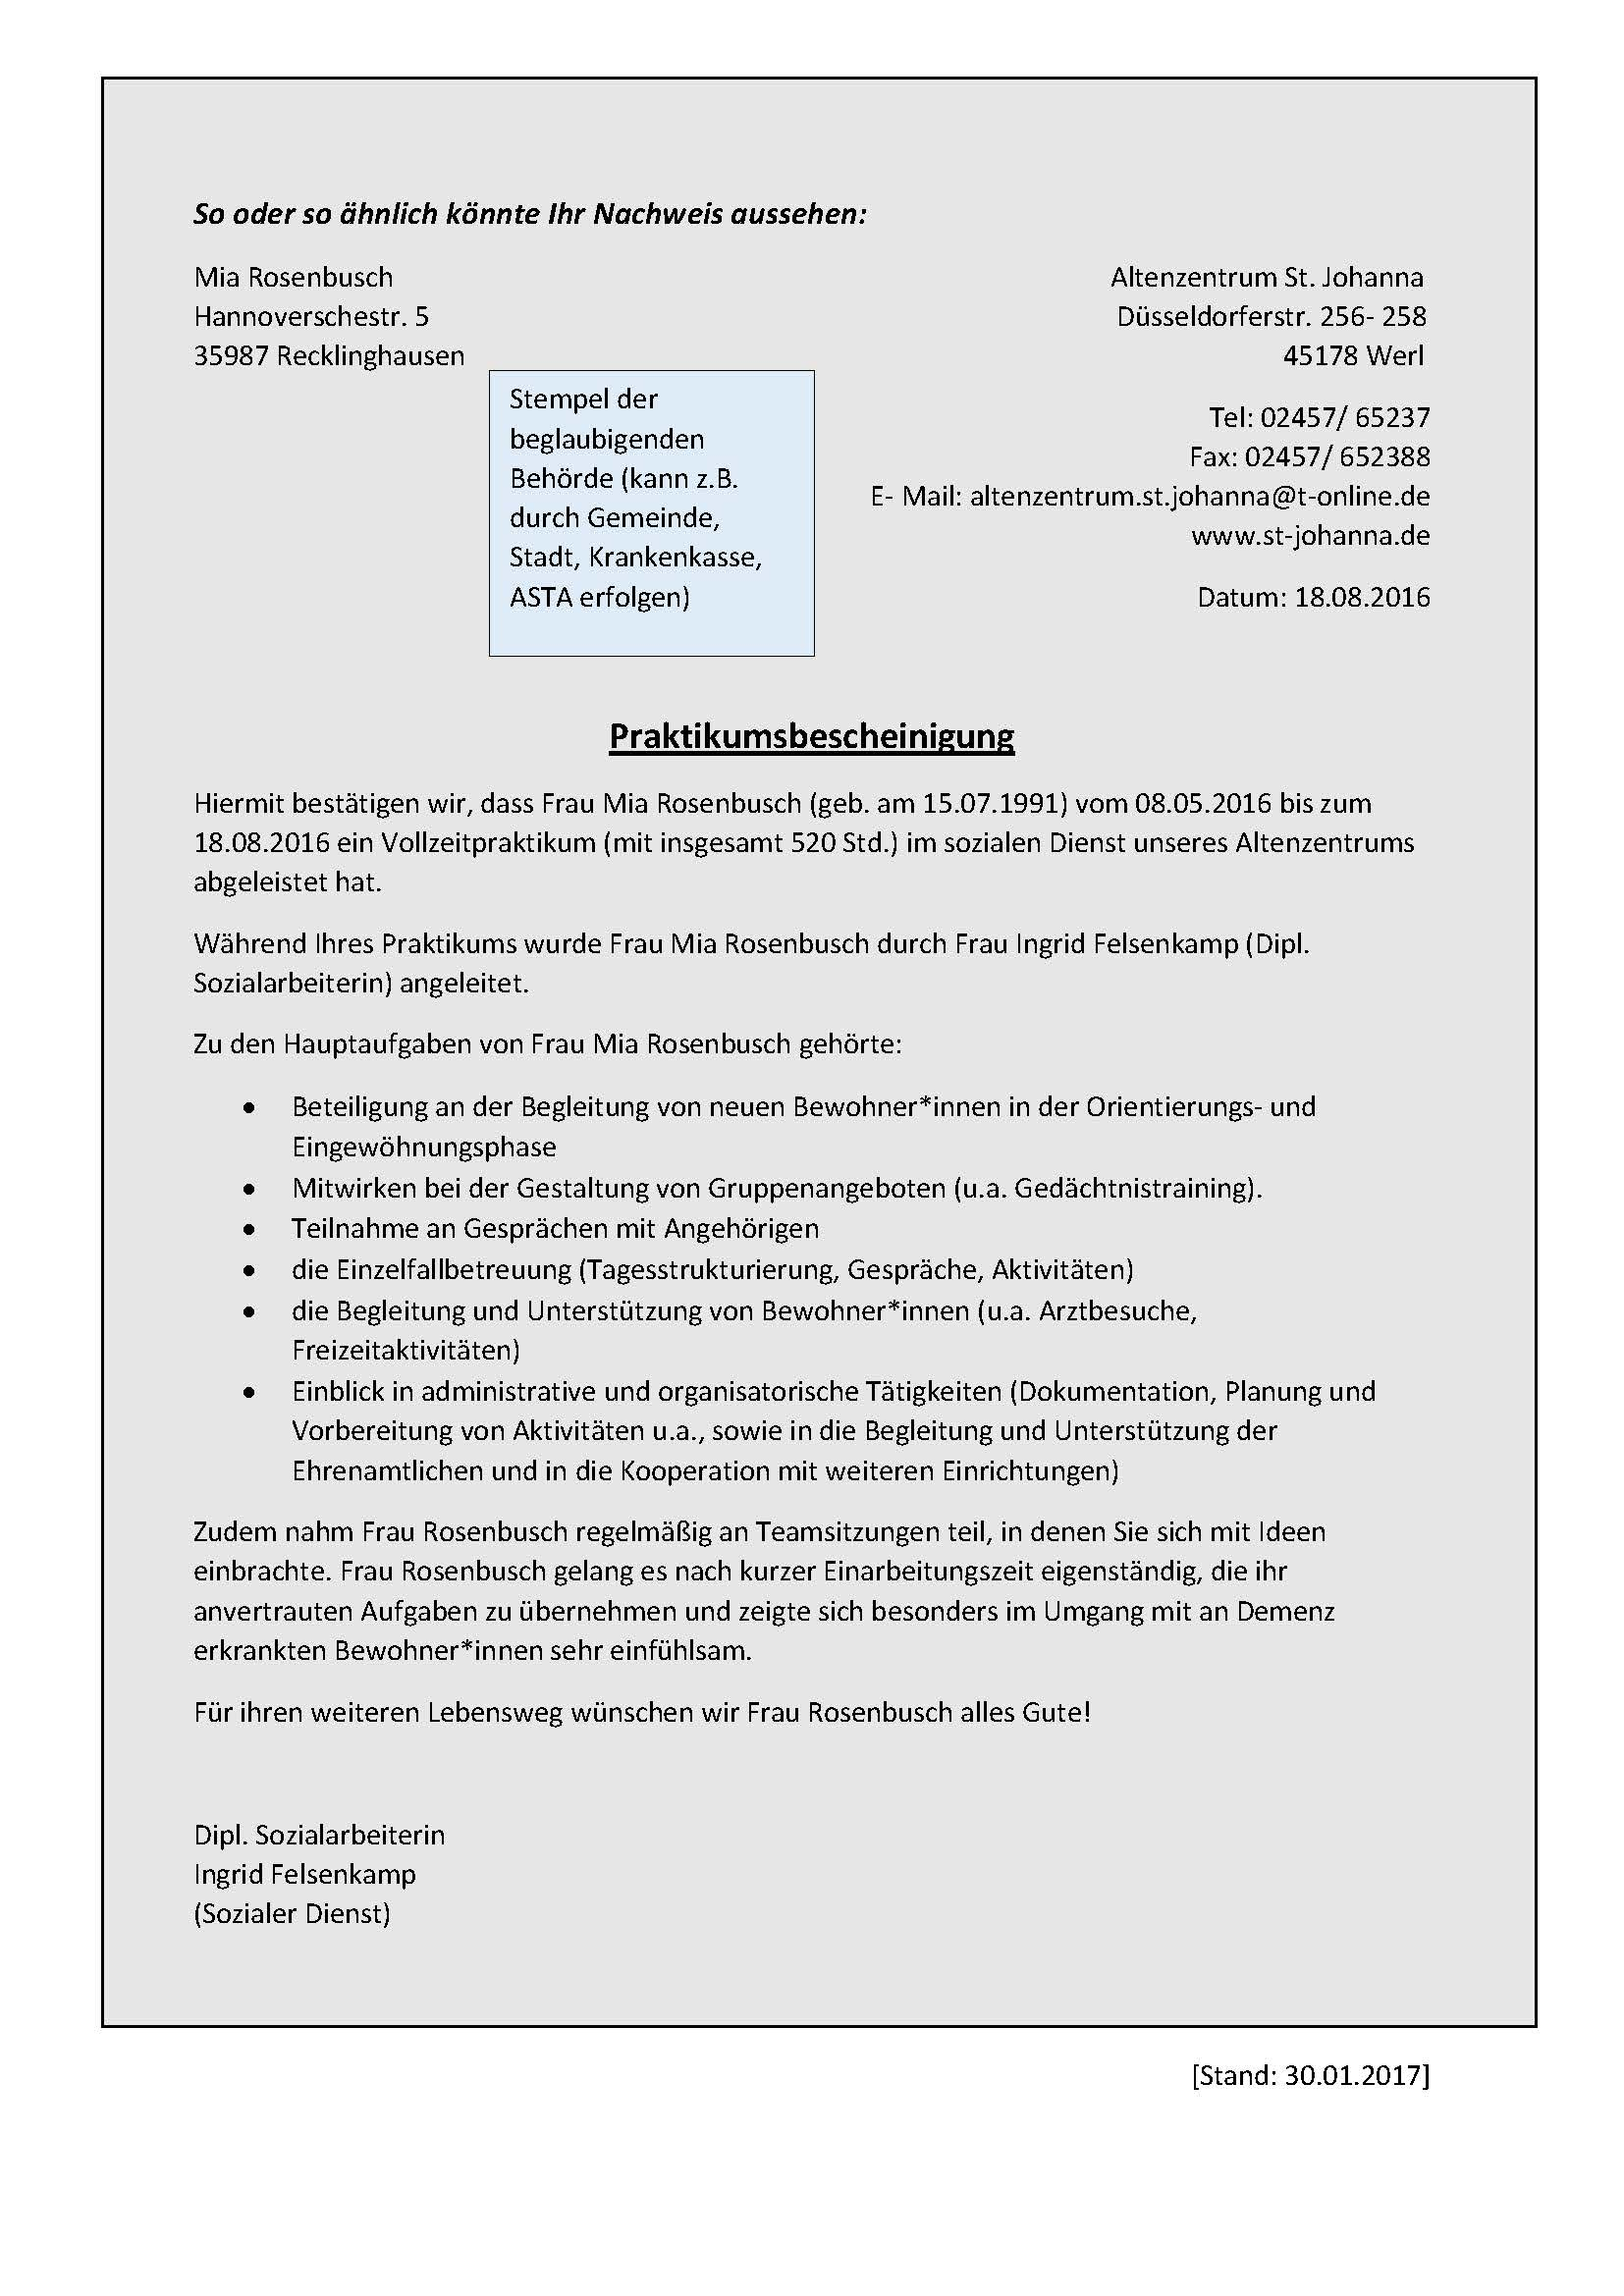 vorpraktikum bewerbung muster Fachbereich Sozialwesen   Vorpraktikum   FH Münster